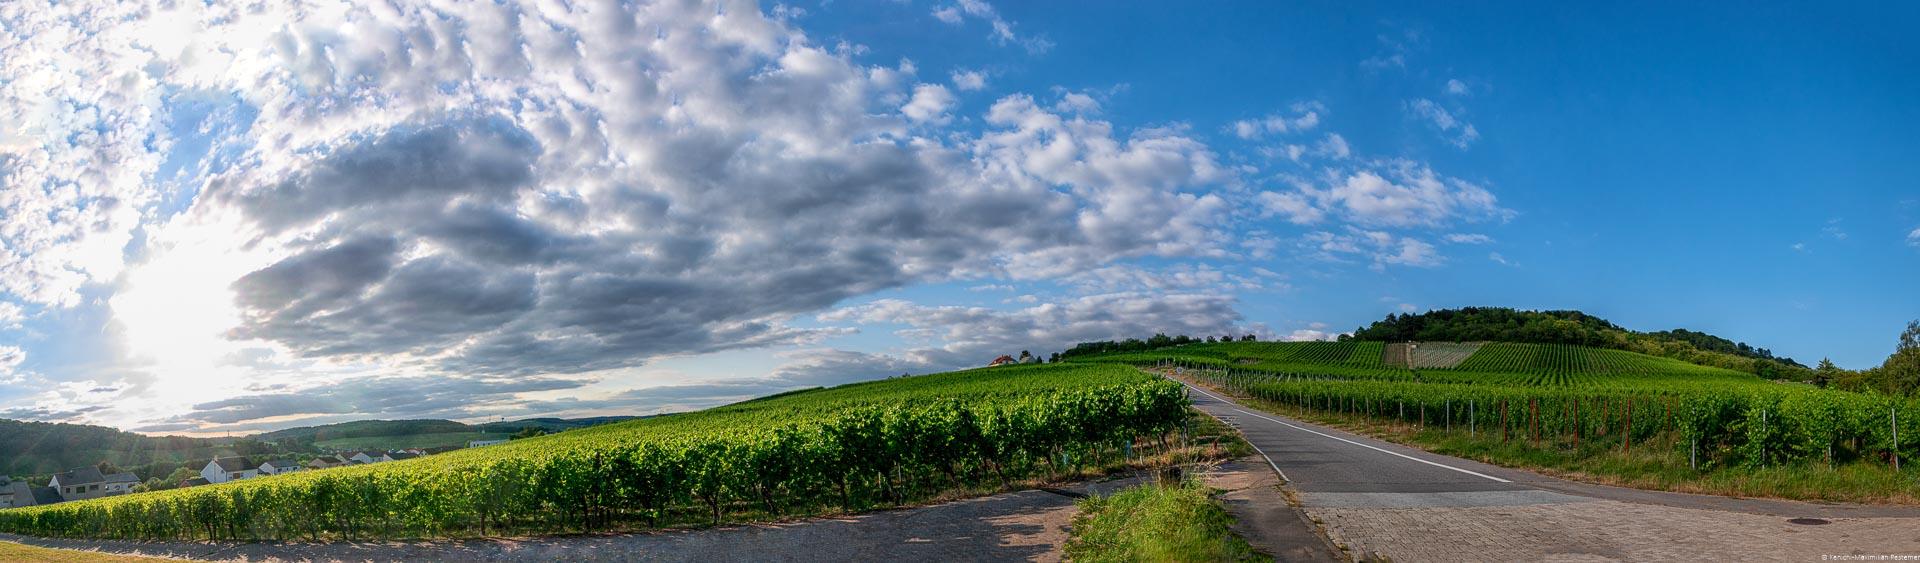 Weinberg, Grenze, drei Orte, bewälkter Himmel, Sonnenuntergang am Dreiländereck von Deutschland, Luxemburg und Frankreich